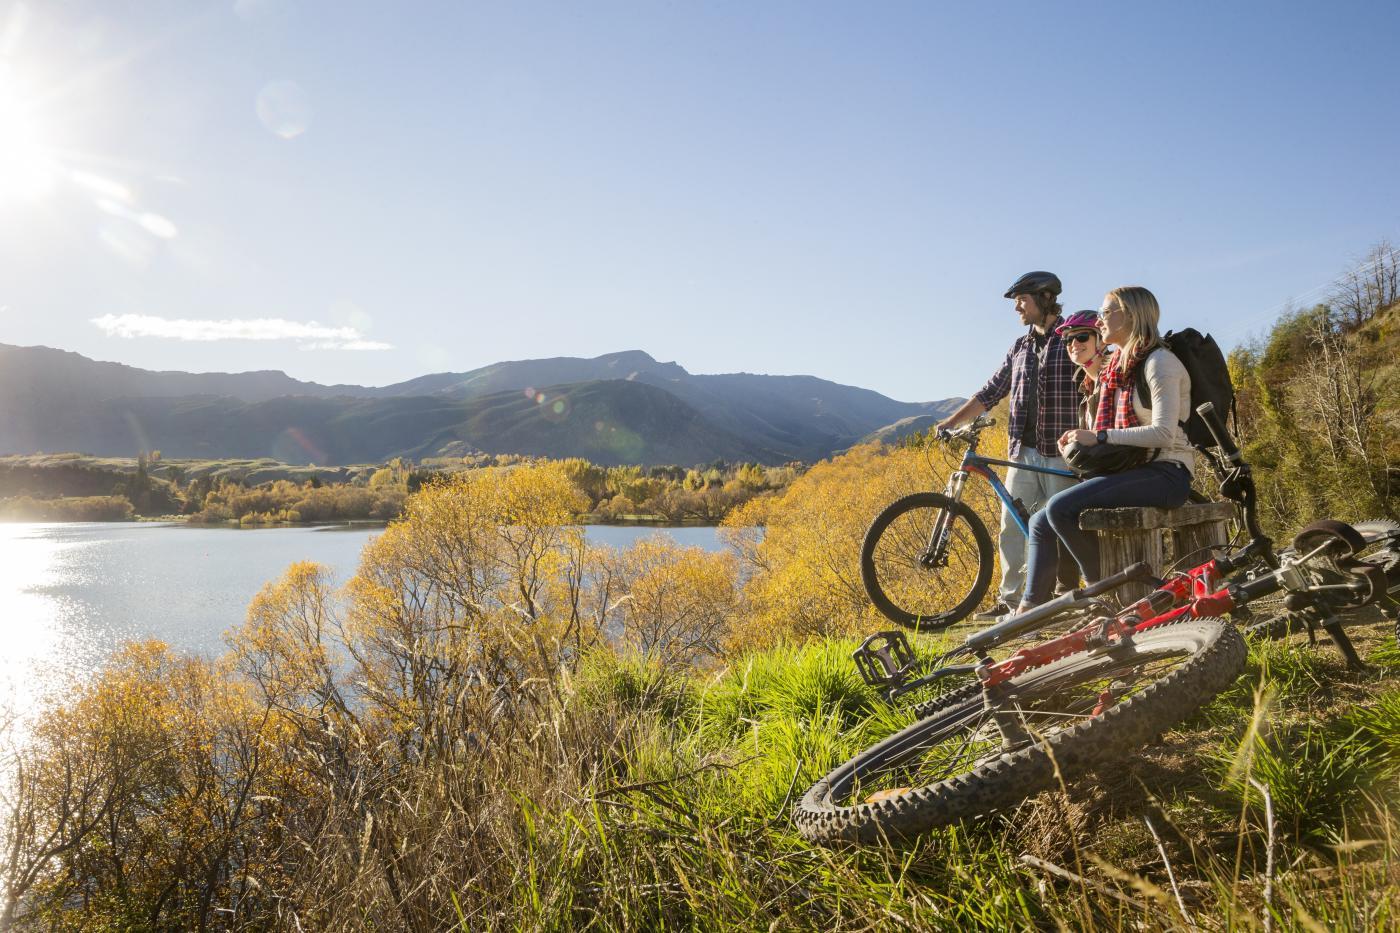 Friends Biking around Lake Hayes in Autumn